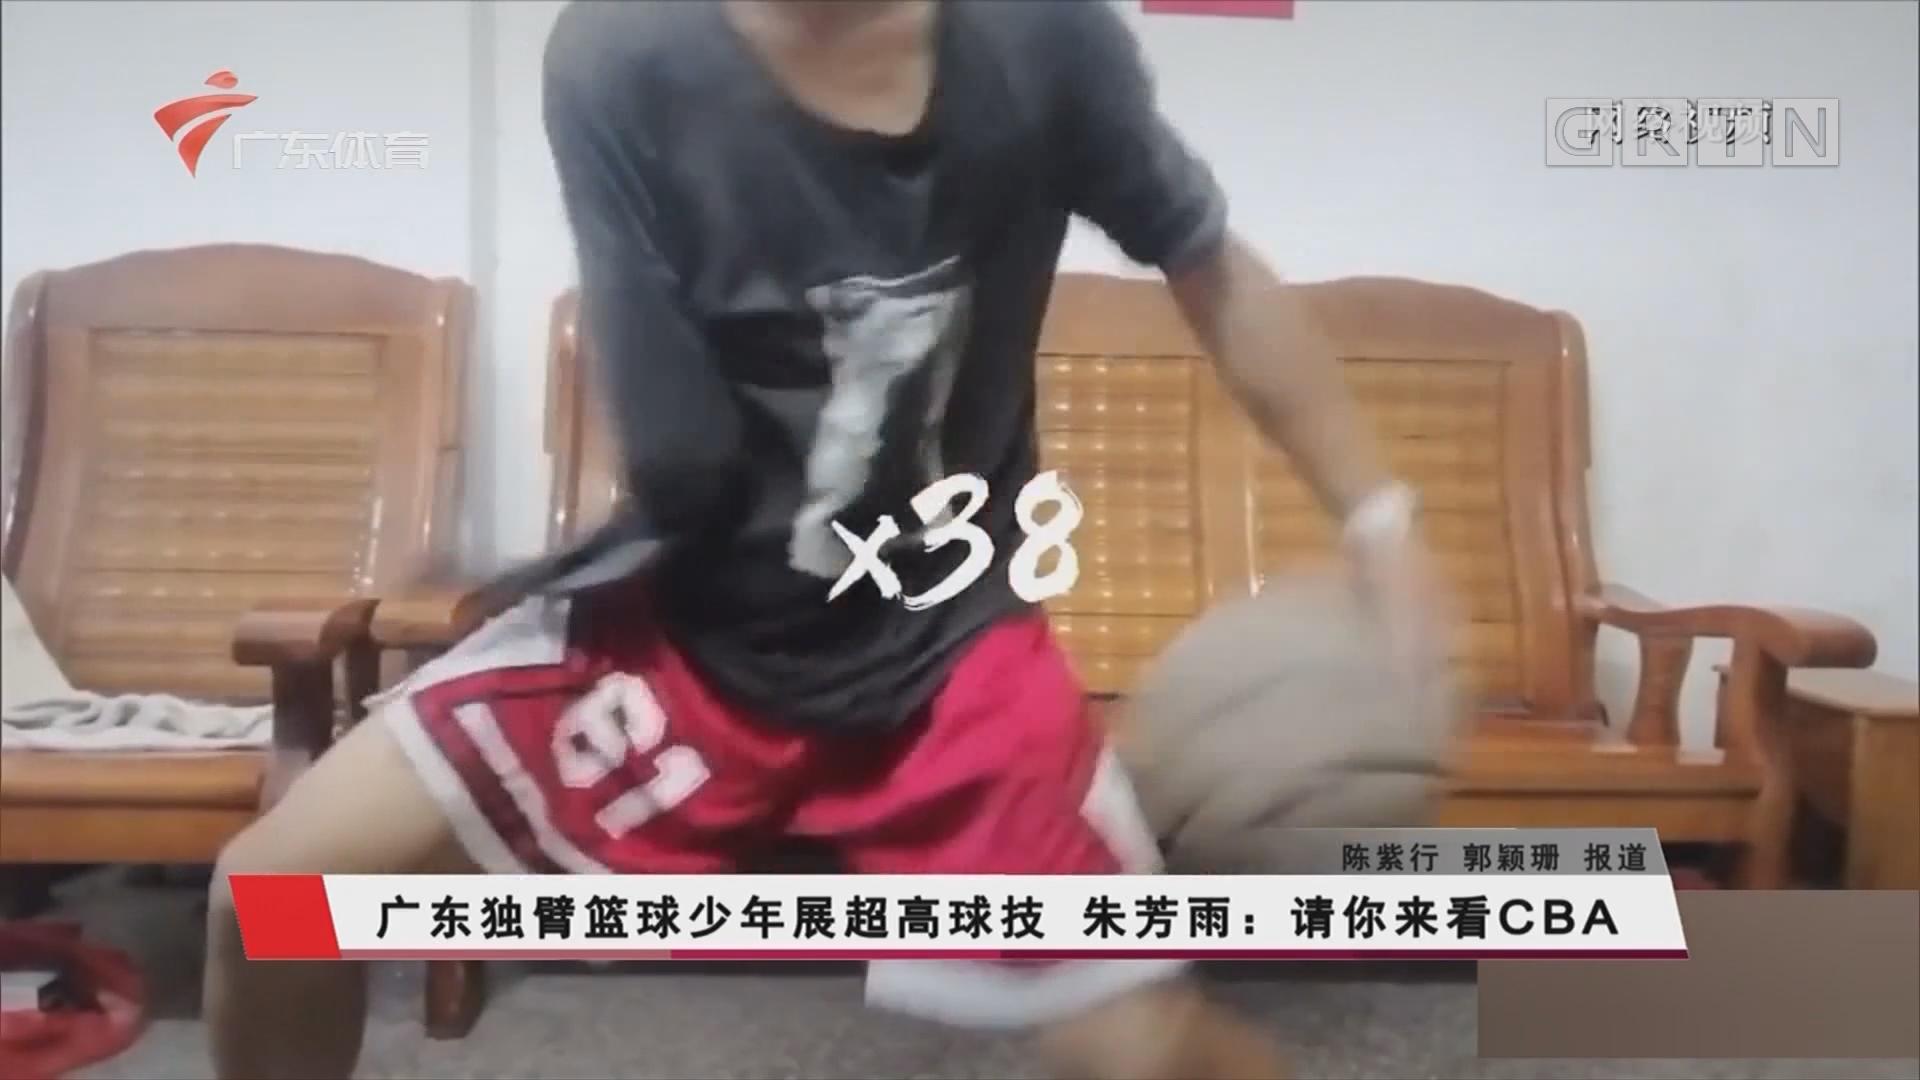 广东独臂篮球少年展超高球技 朱芳雨:请你来看CBA